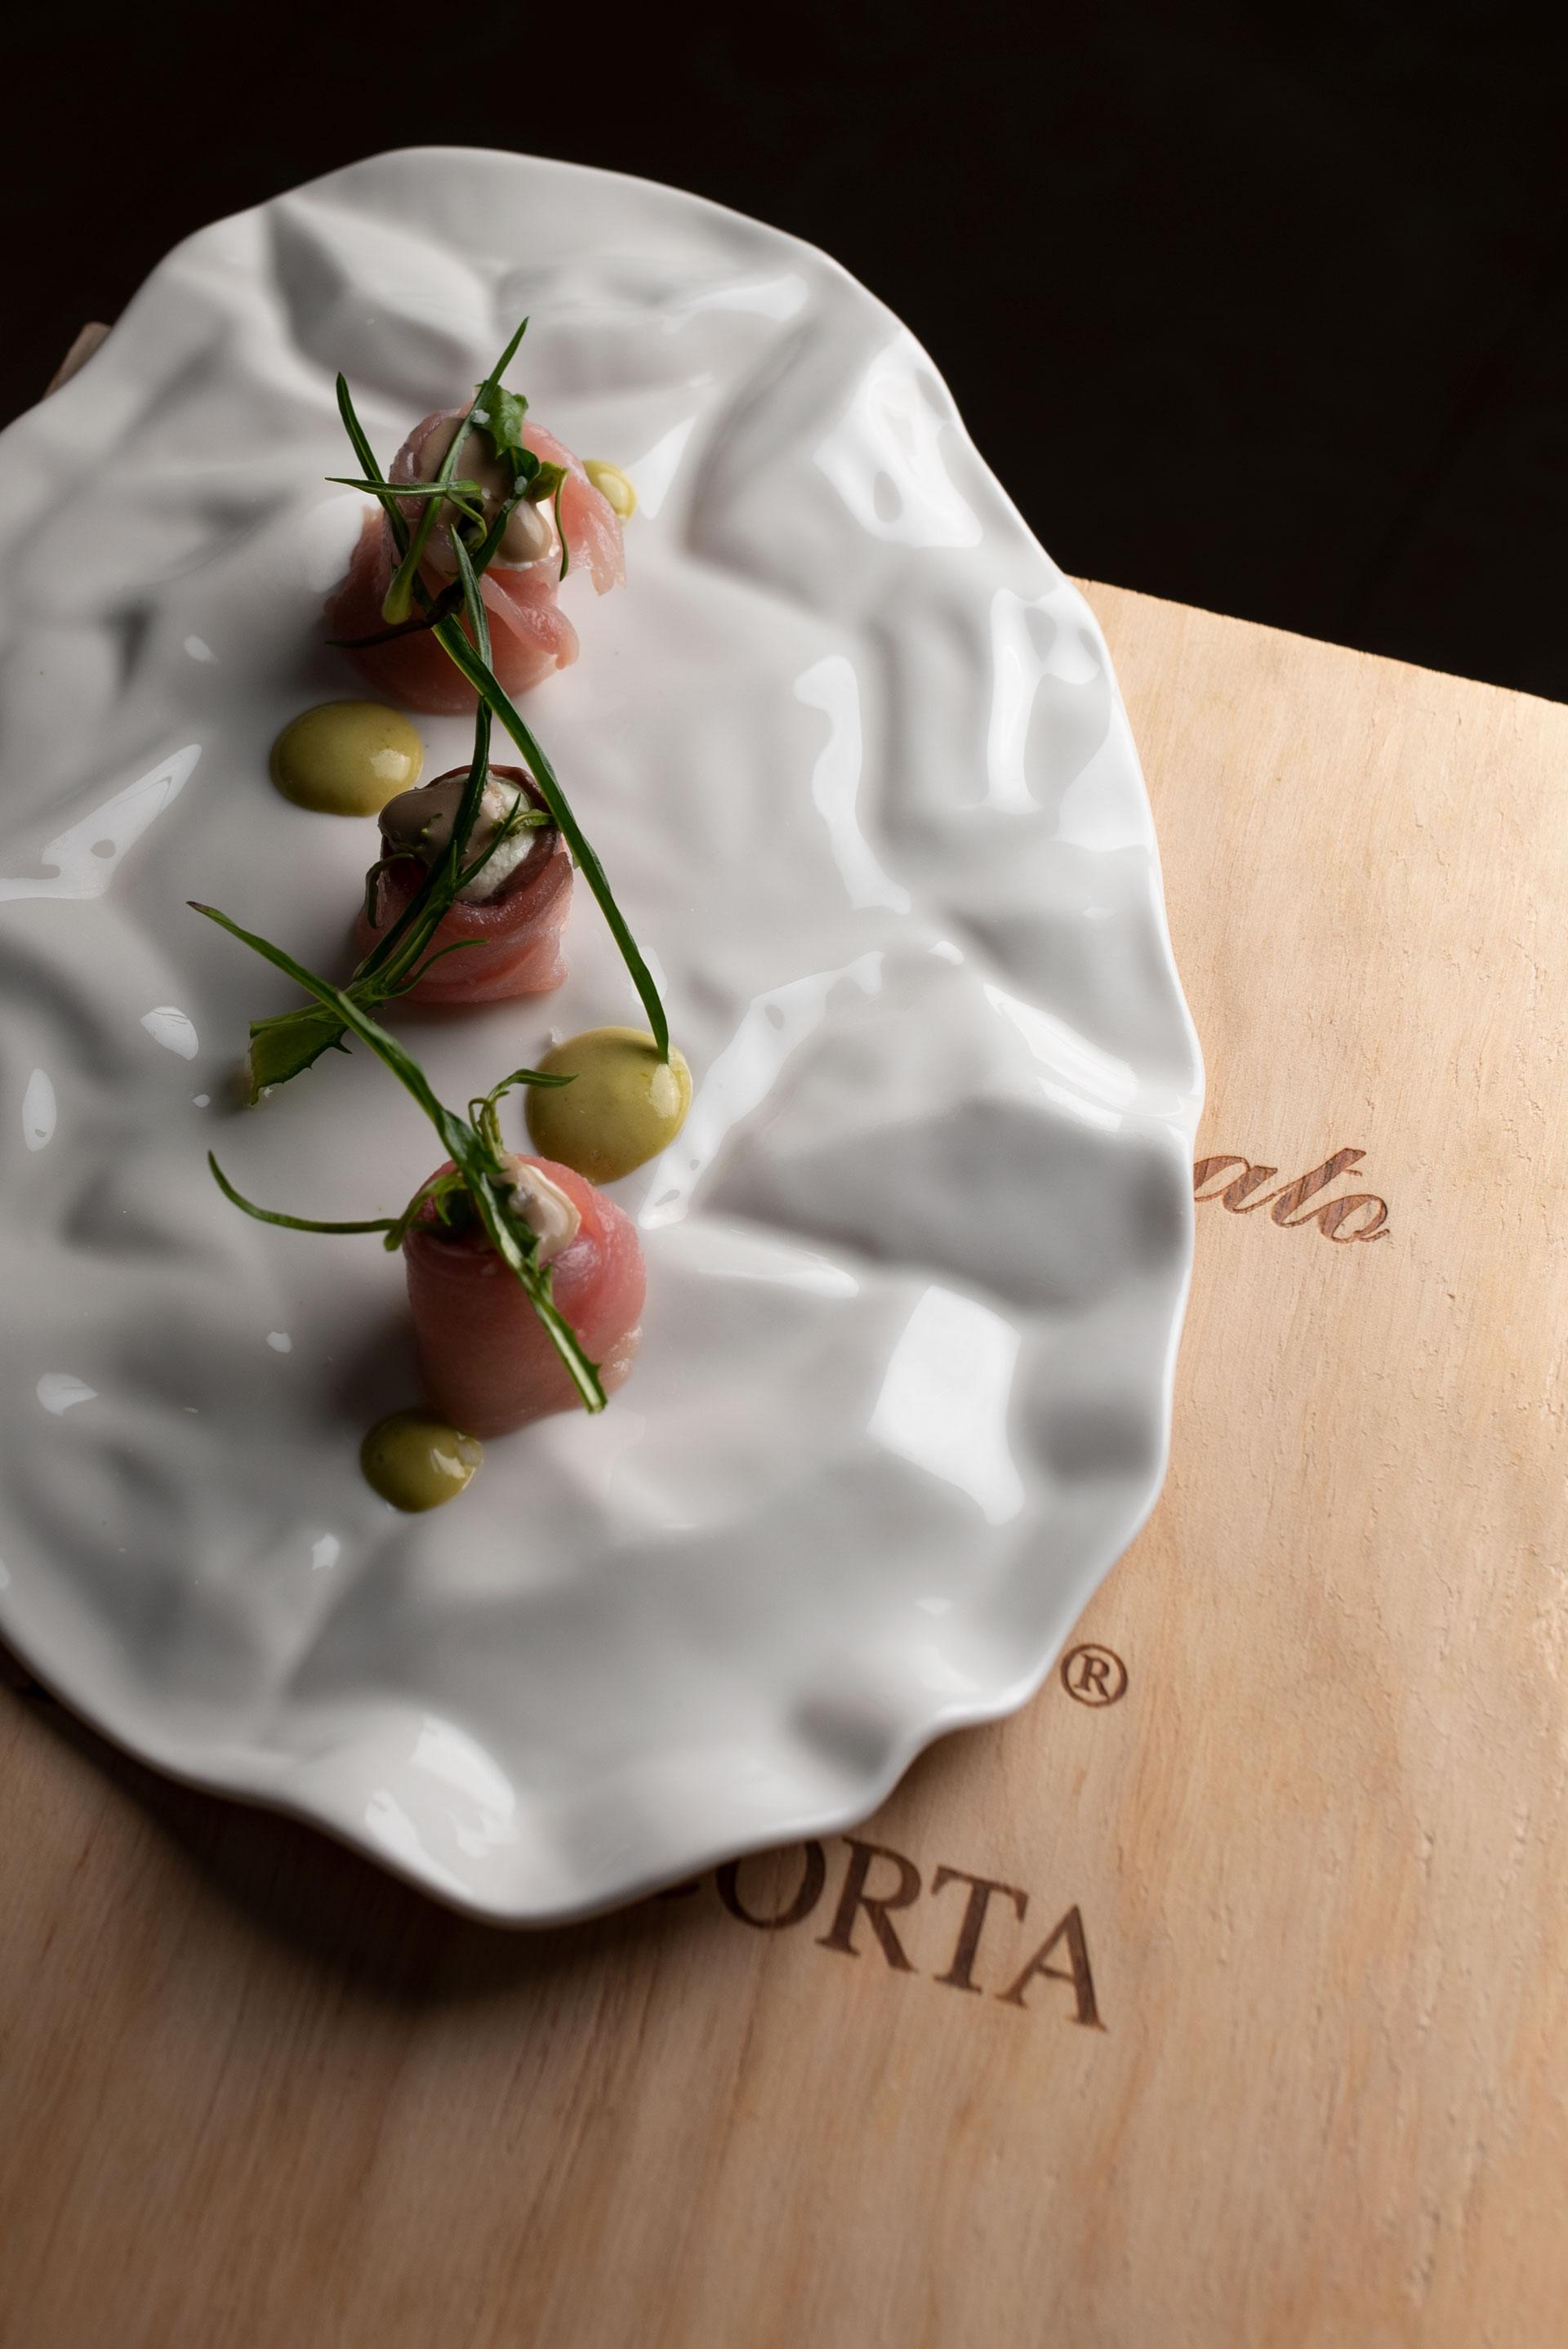 officina-visiva-foto-food-chef-andrea-fanti-croma-lago-04-web